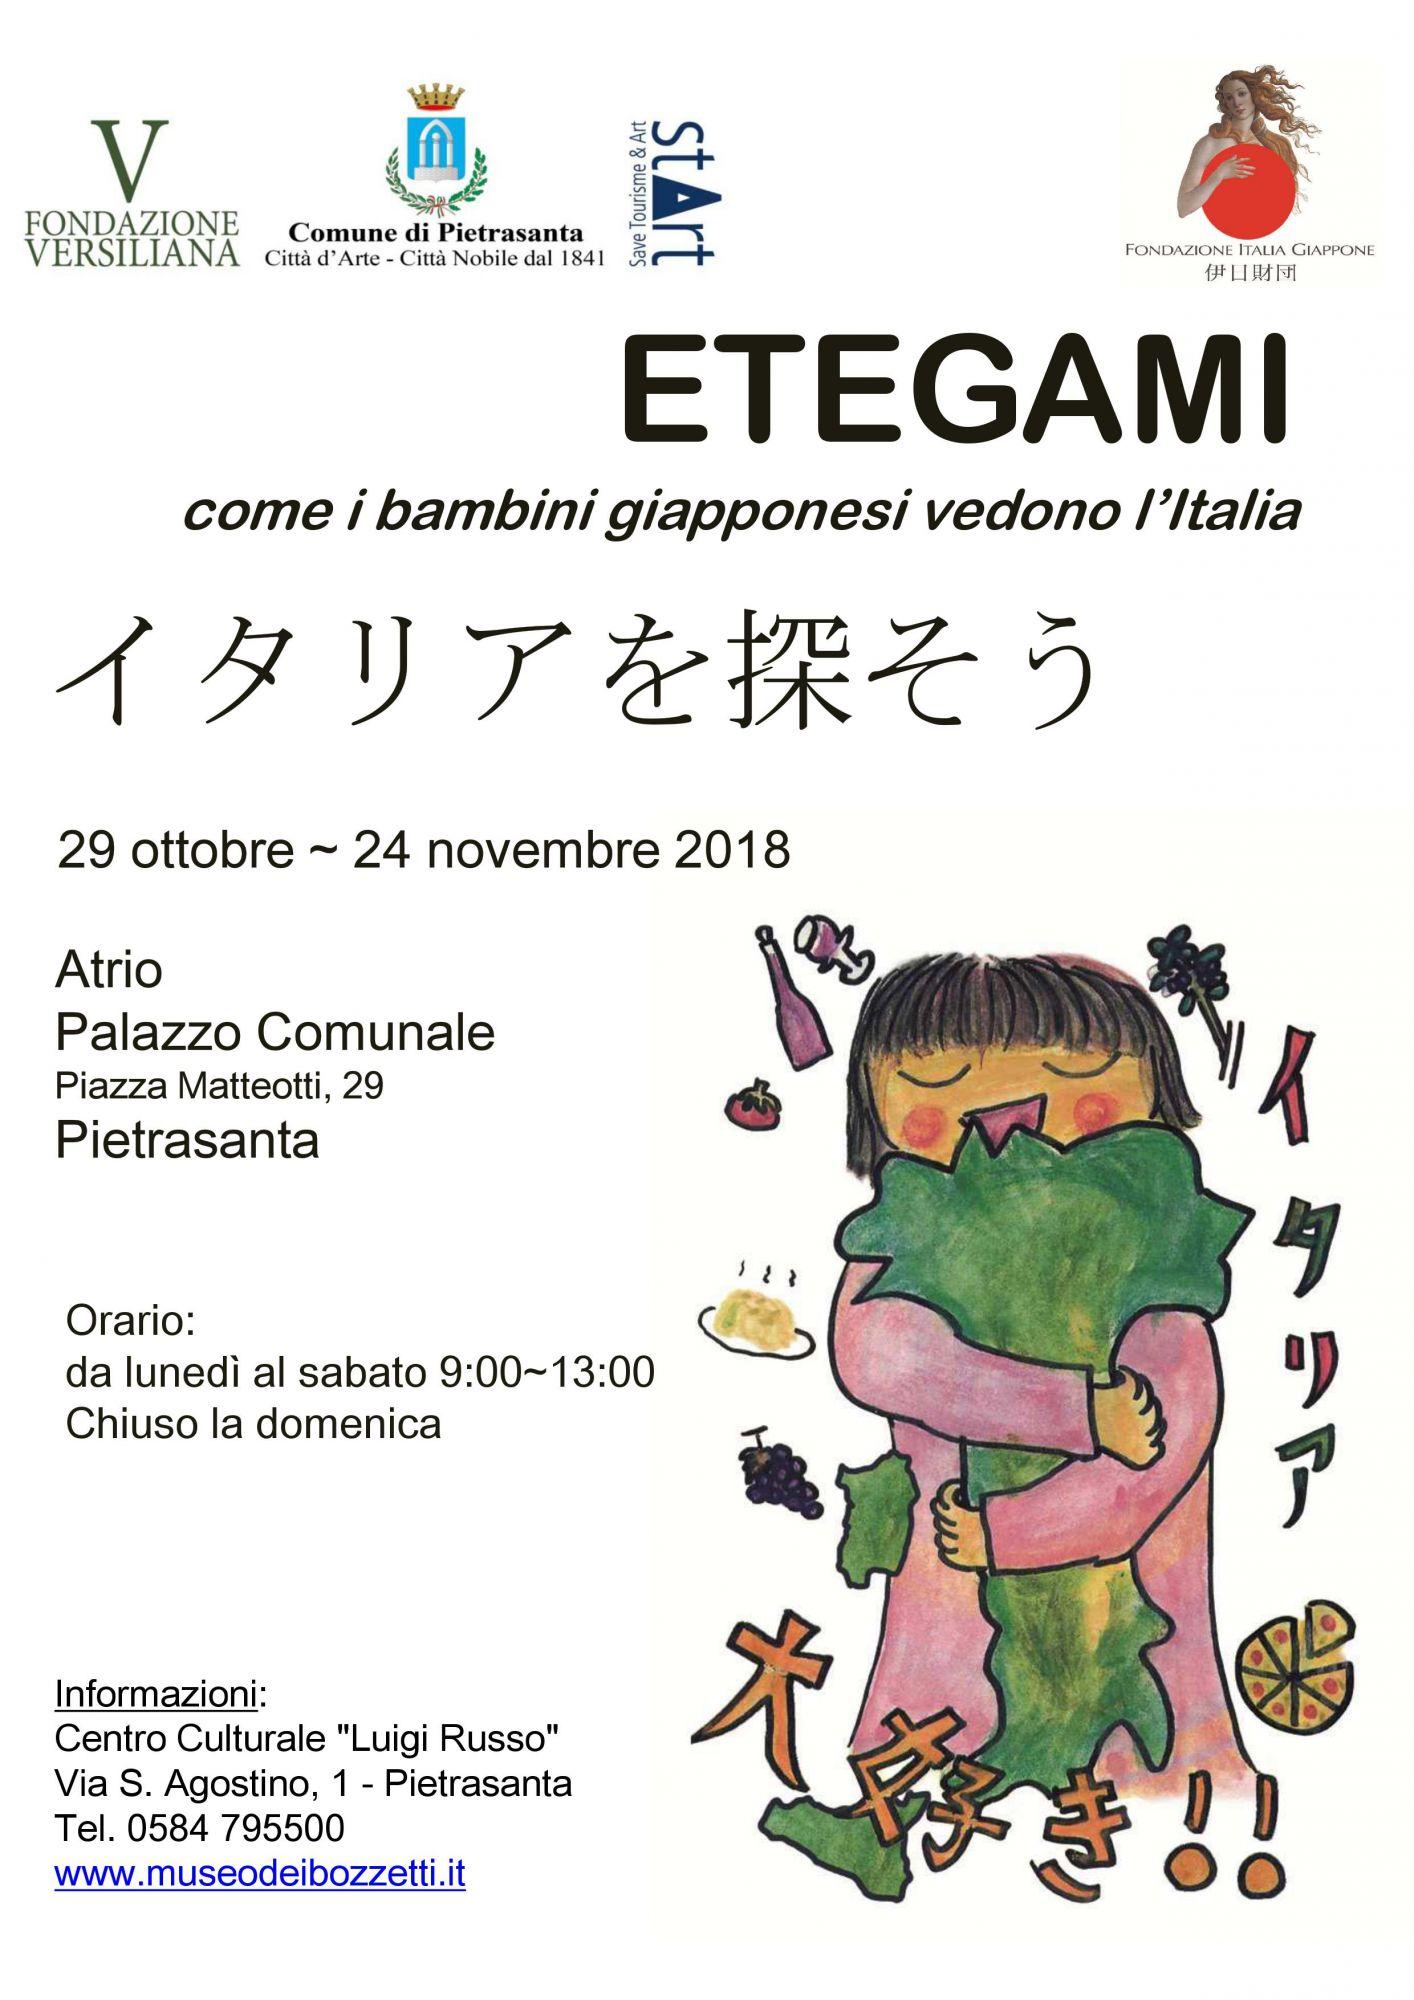 """I bimbi giapponesi come vedono l'Italia? La mostra gira-mondo """"Etegami"""" arriva a Pietrasanta"""